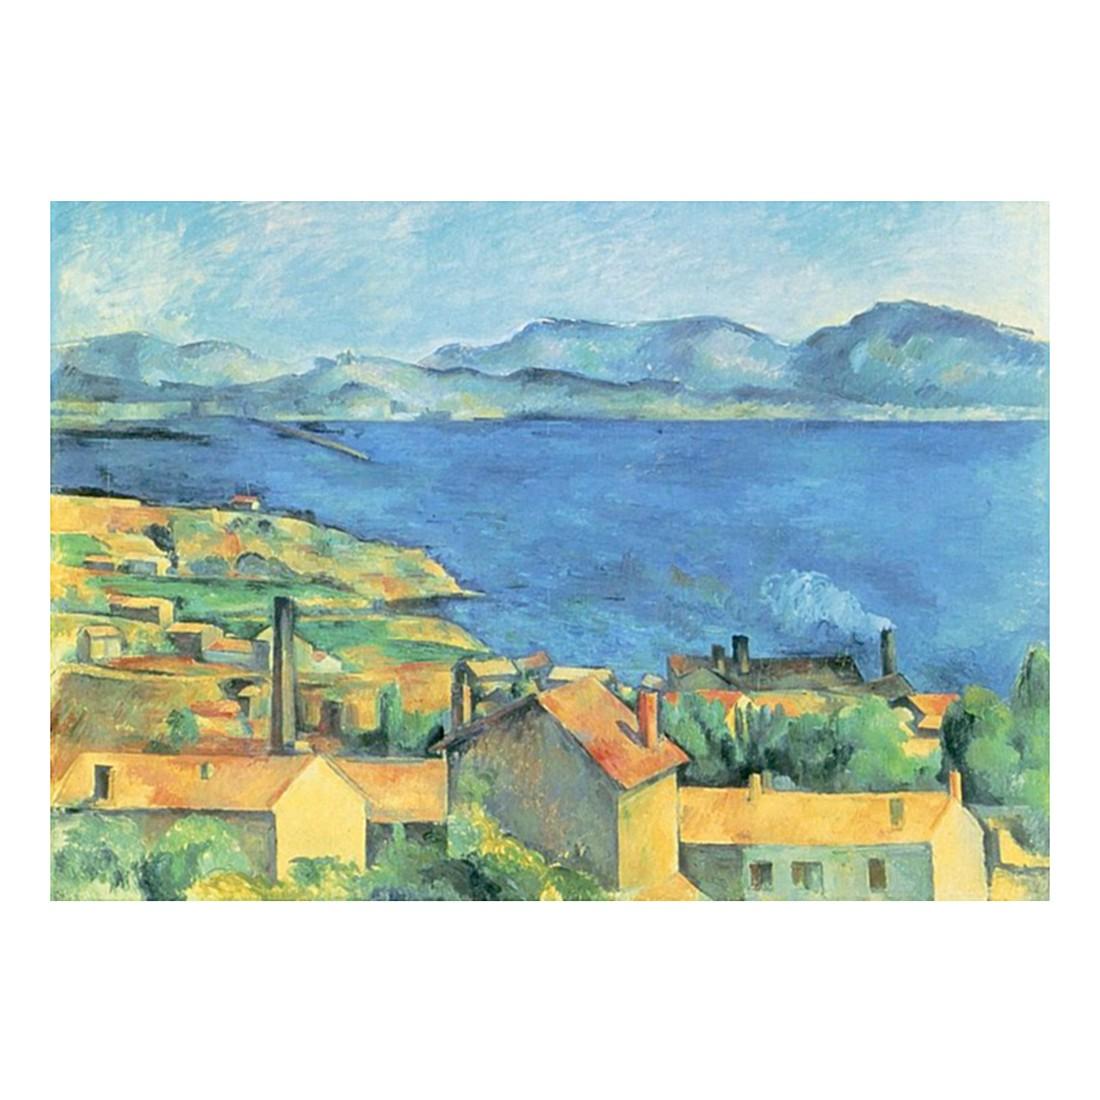 Ölgemälde Die Bucht von Marseille von Paul Cezanne – Größe 70 x 100 cm, yourPainting günstig online kaufen